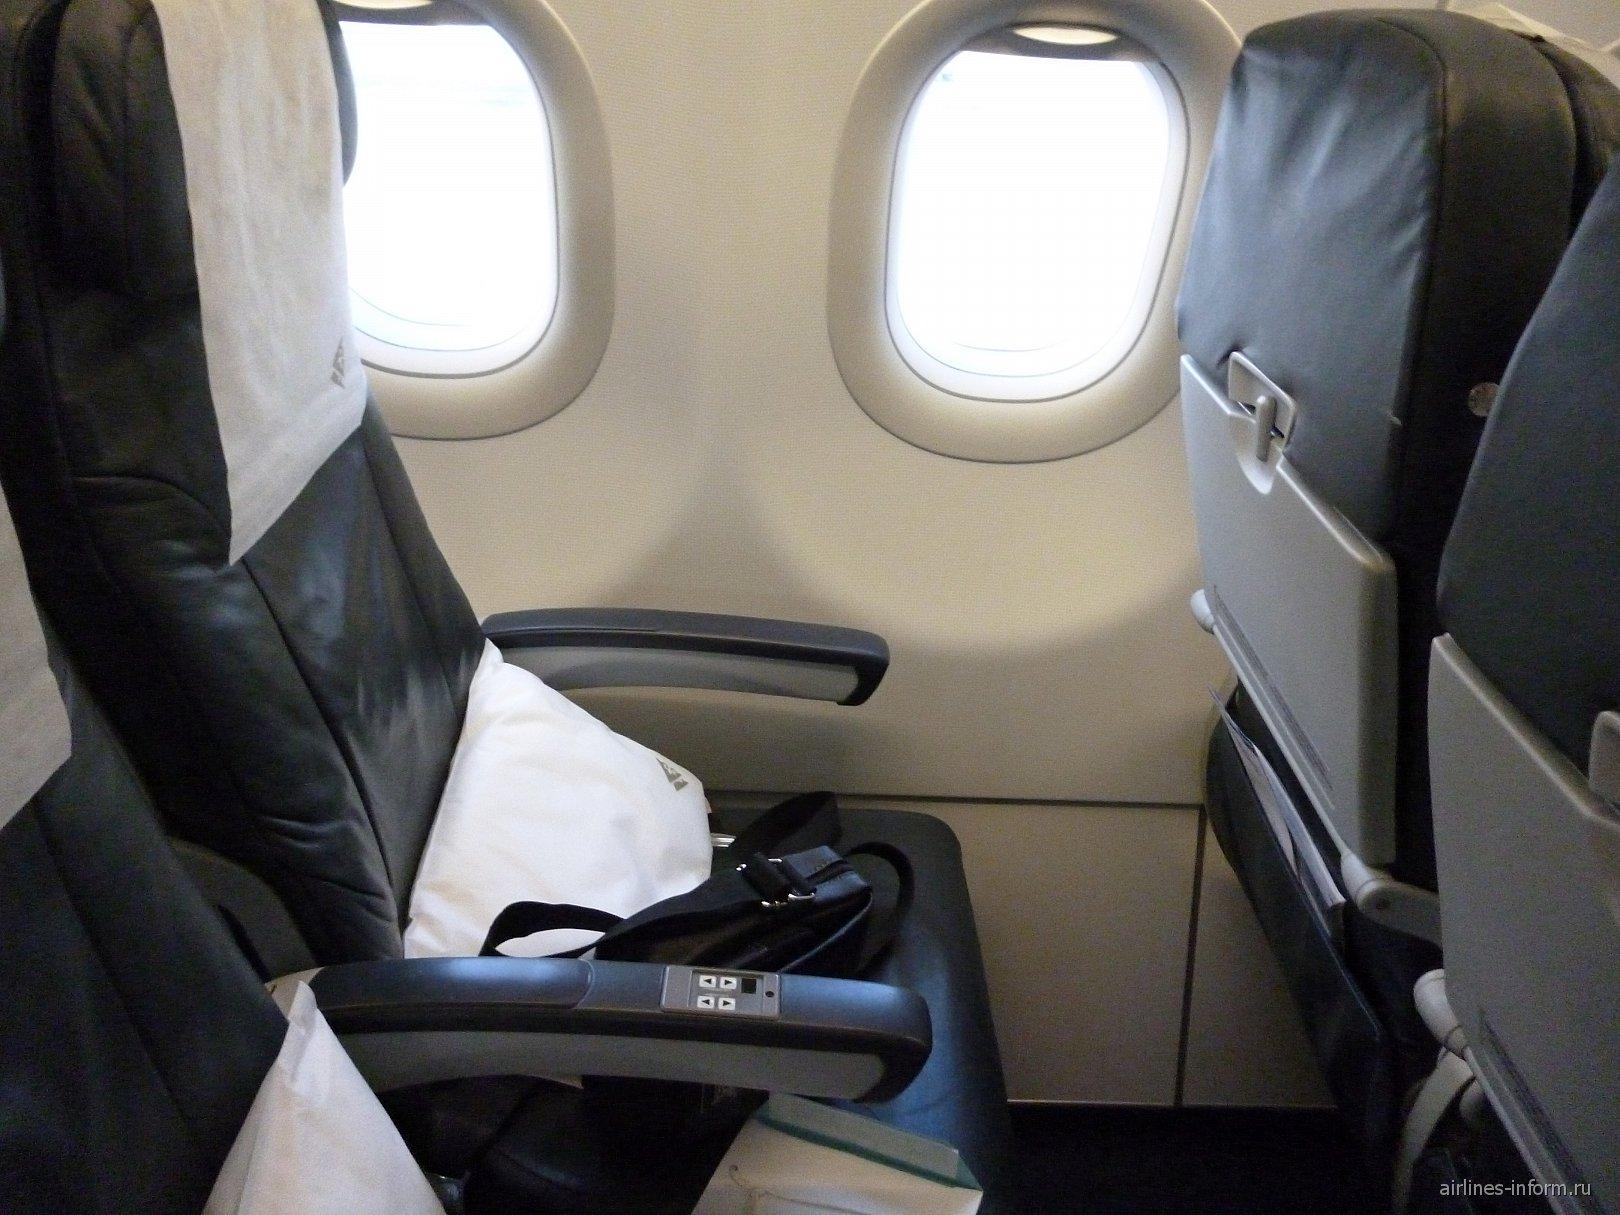 Пассажирское кресло в самолете Airbus A321 авиакомпании Air Astana